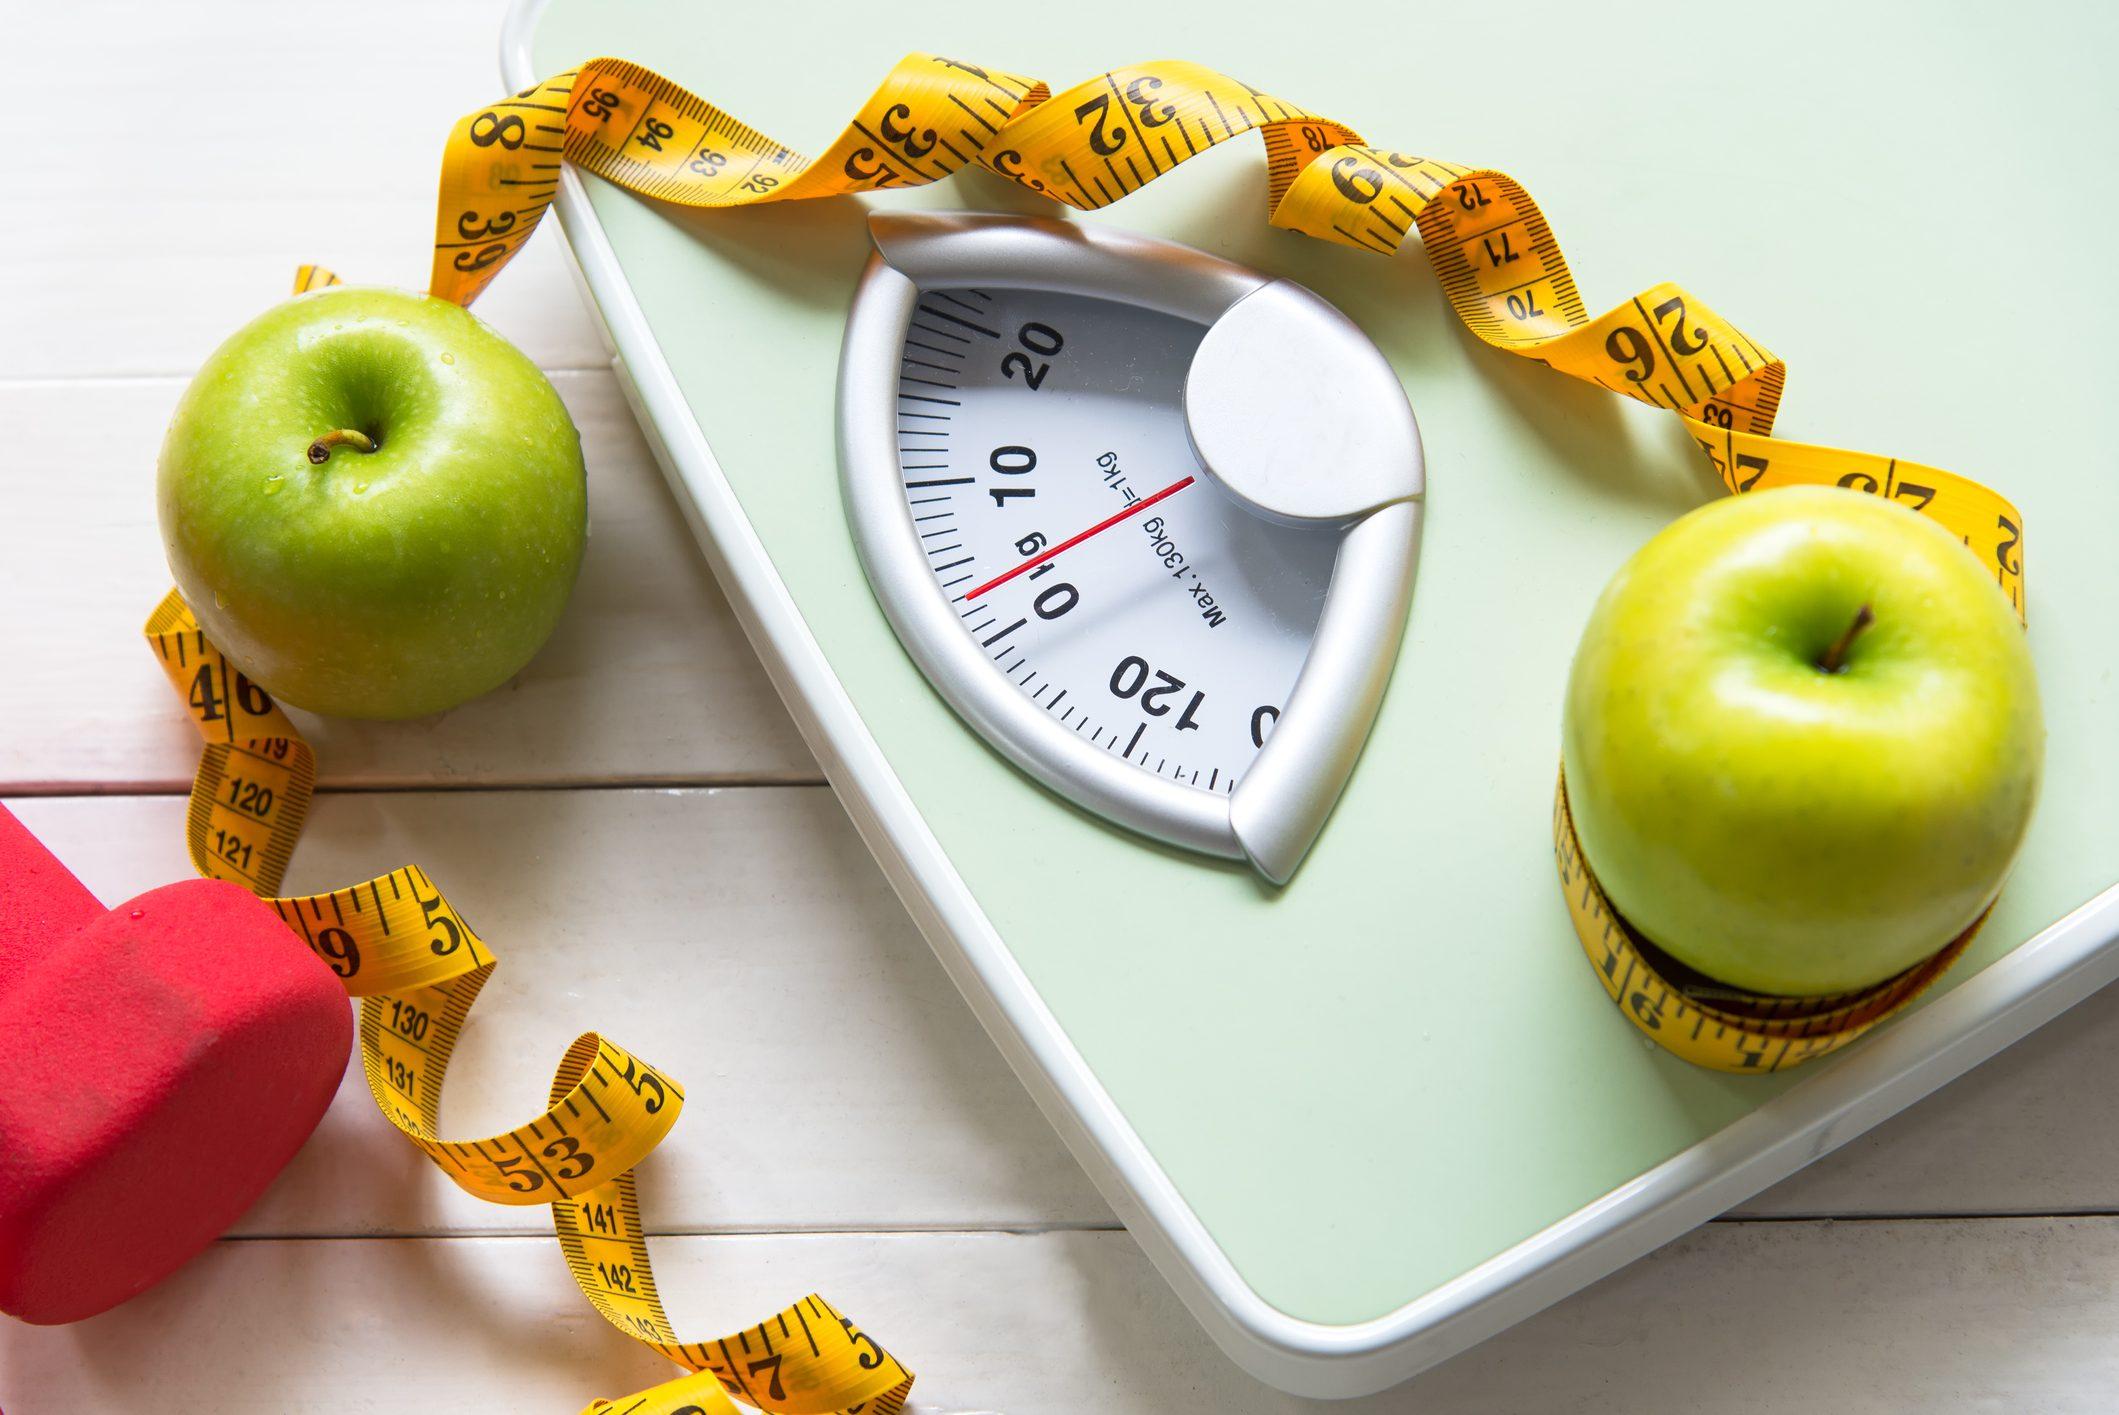 Prova costume: ecco un rimedio naturale per sciogliere i grassi e togliere il gonfiore